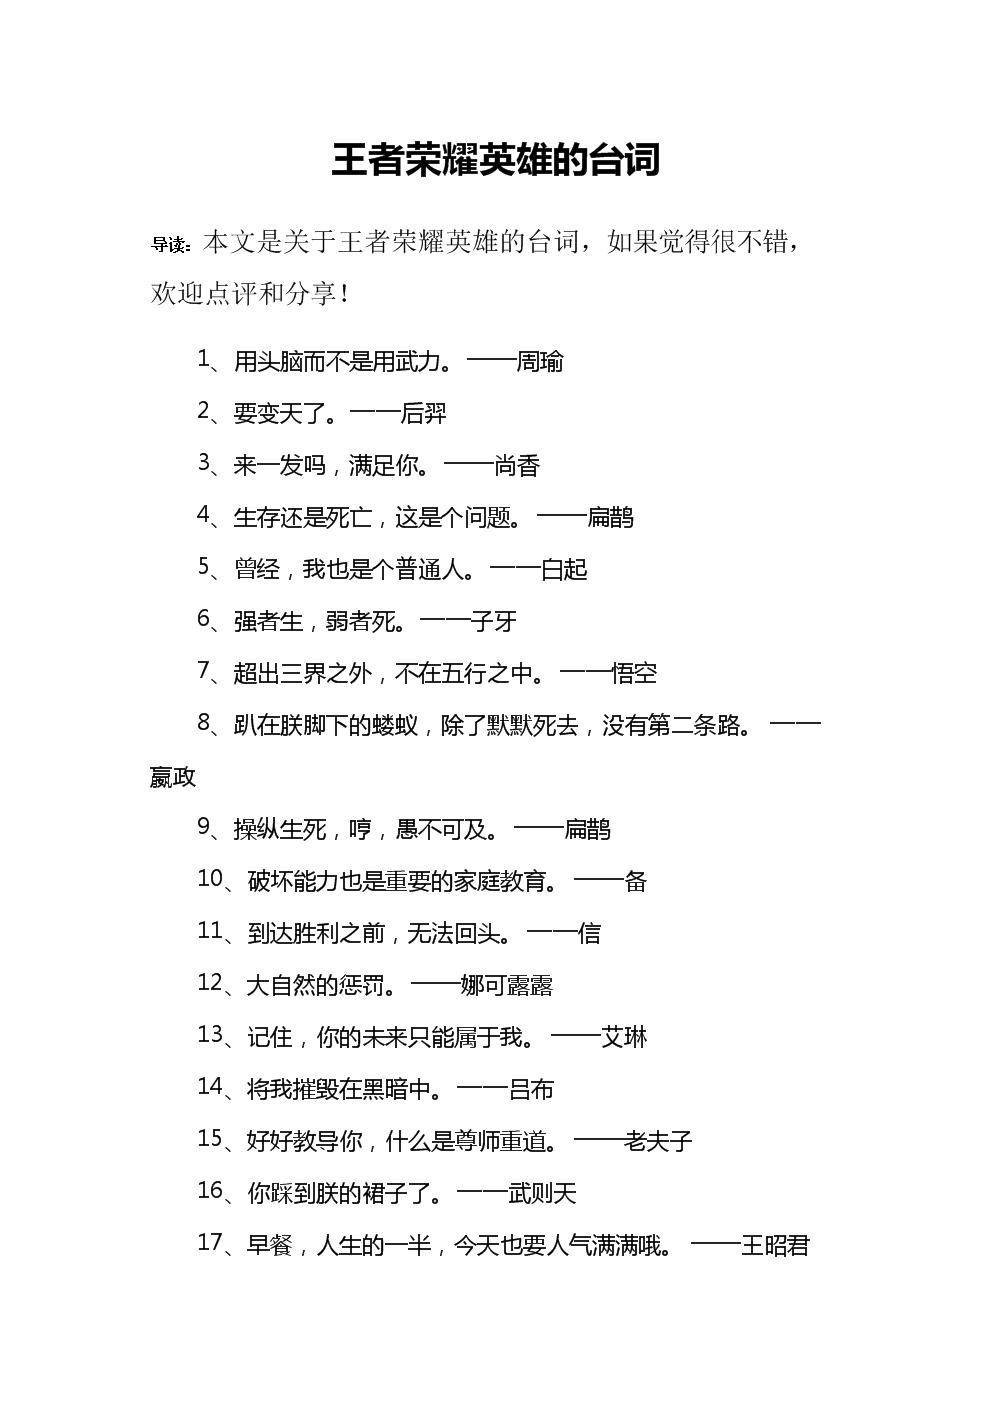 王者荣耀英雄地台词.doc